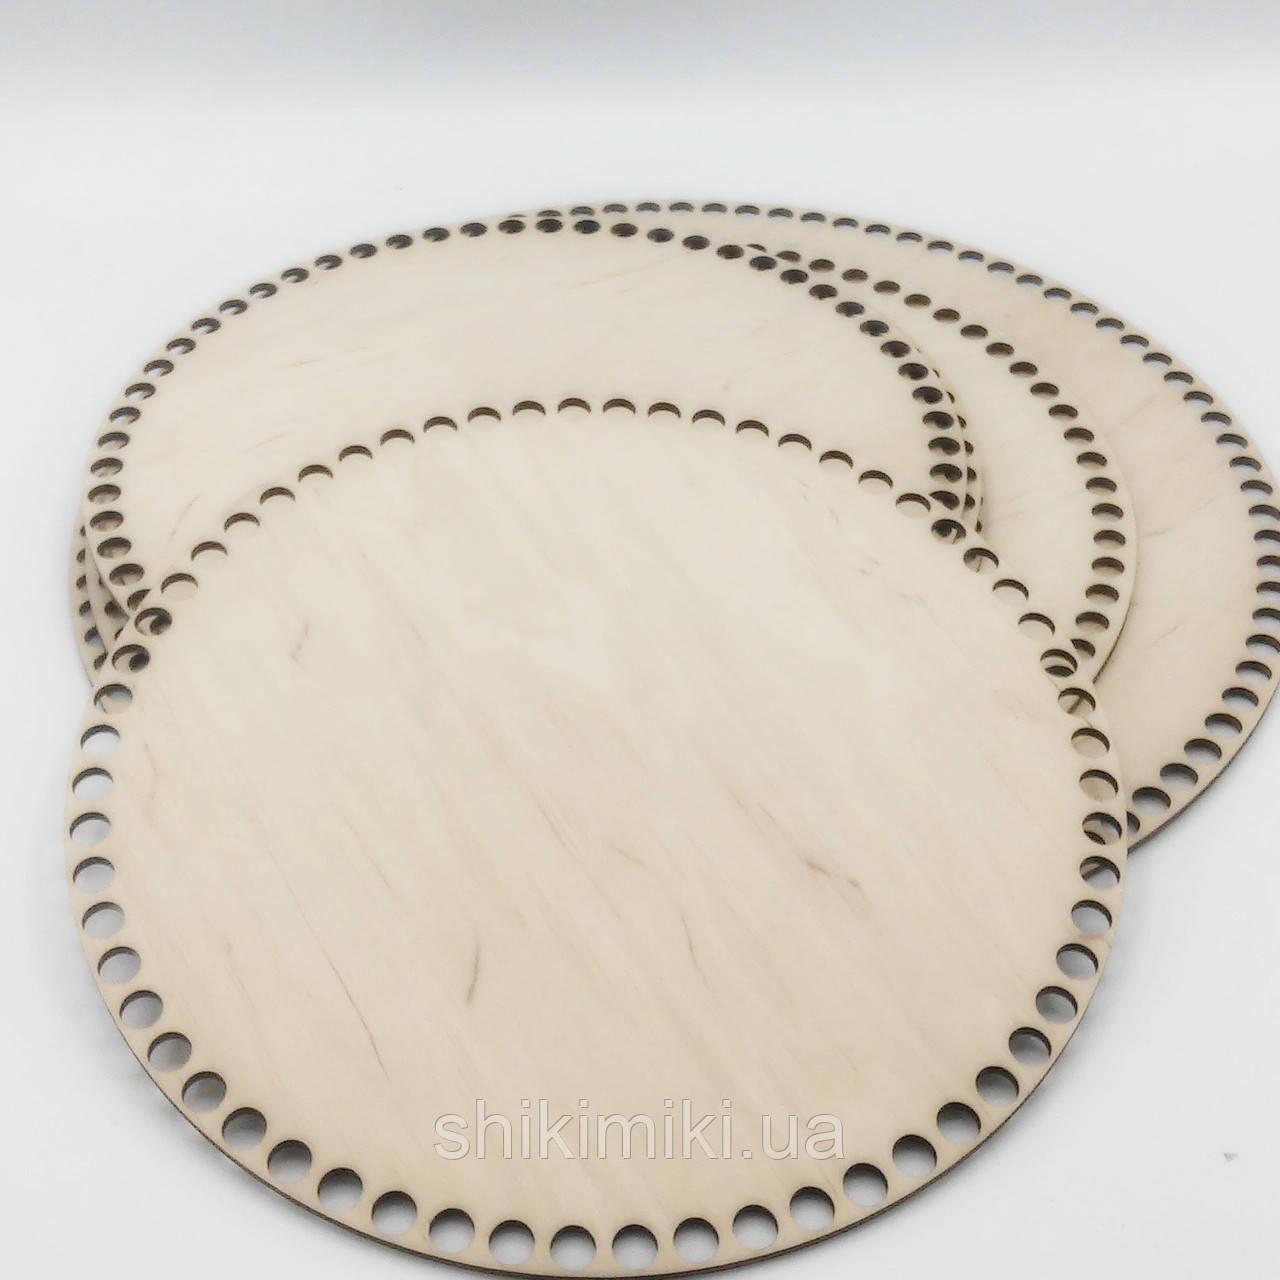 Заготовка из фанеры круглая (22 см)